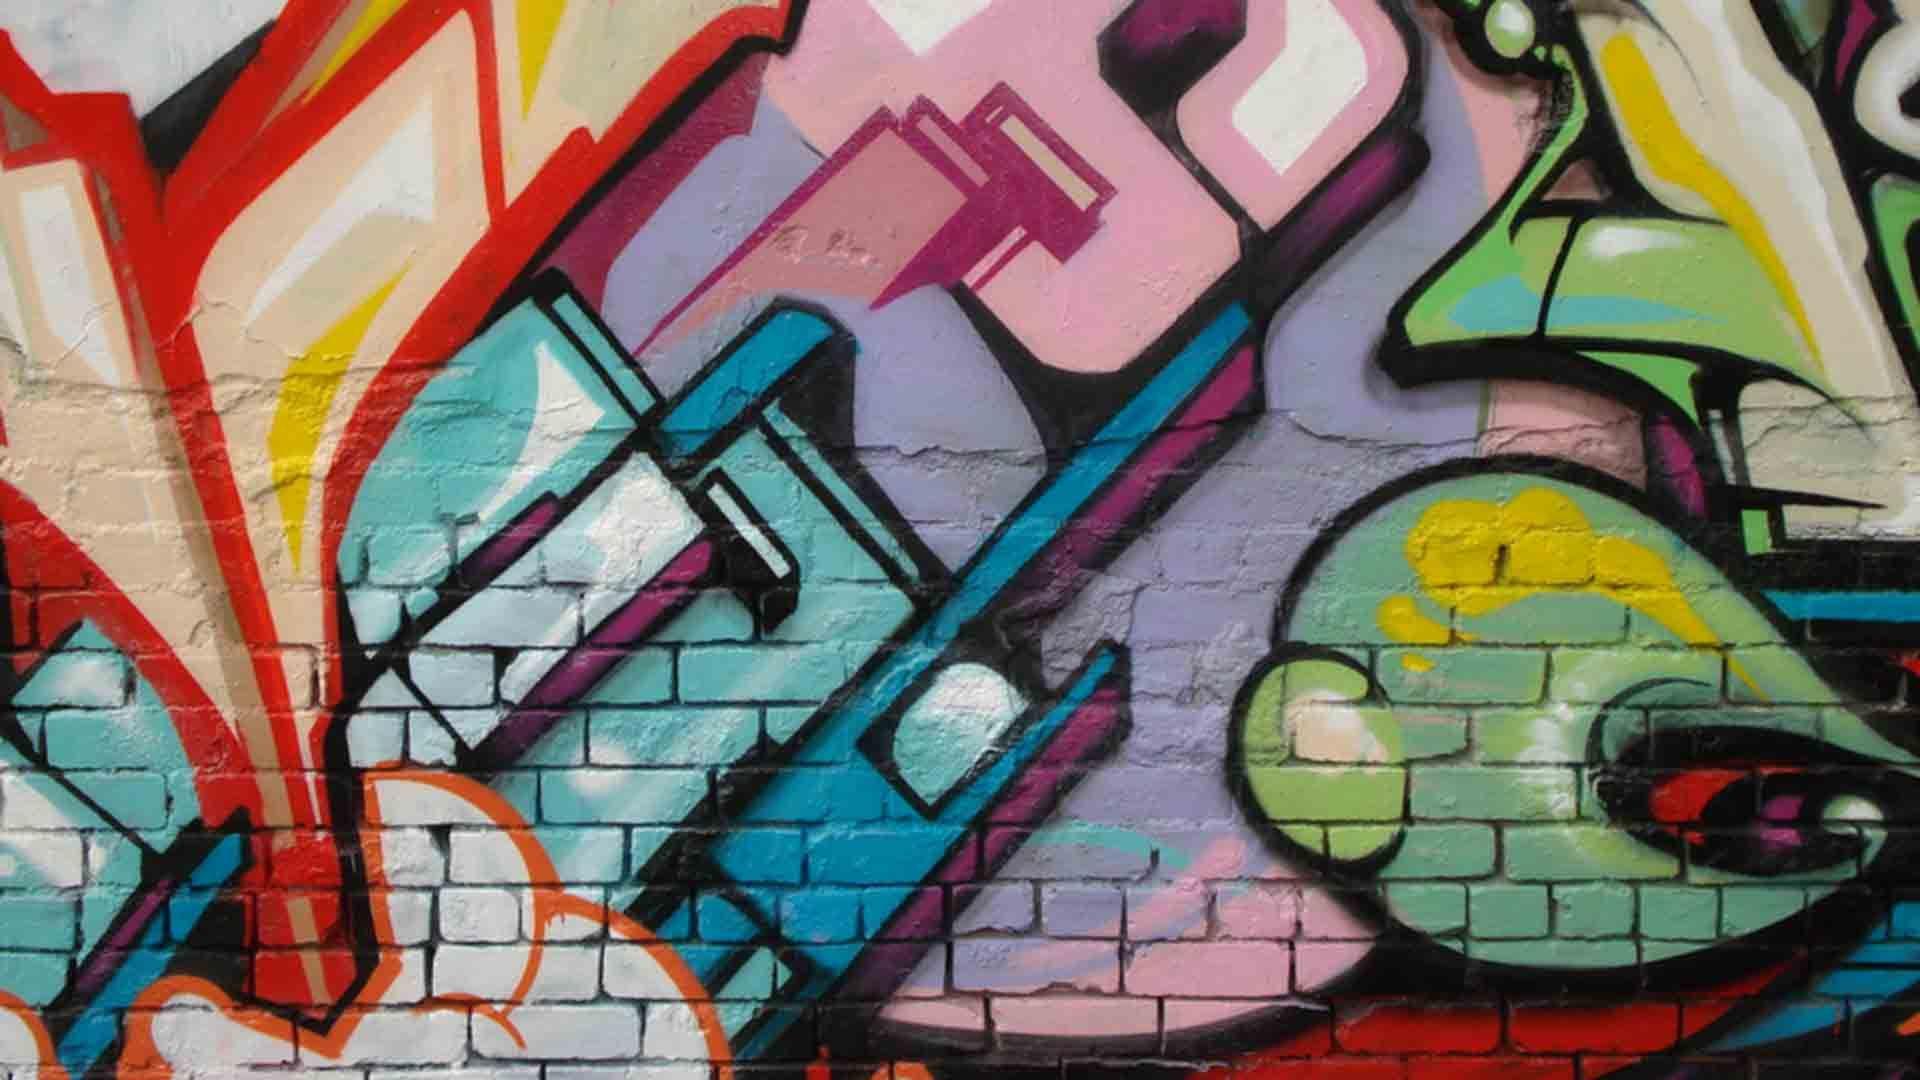 Street Art Good Wallpaper